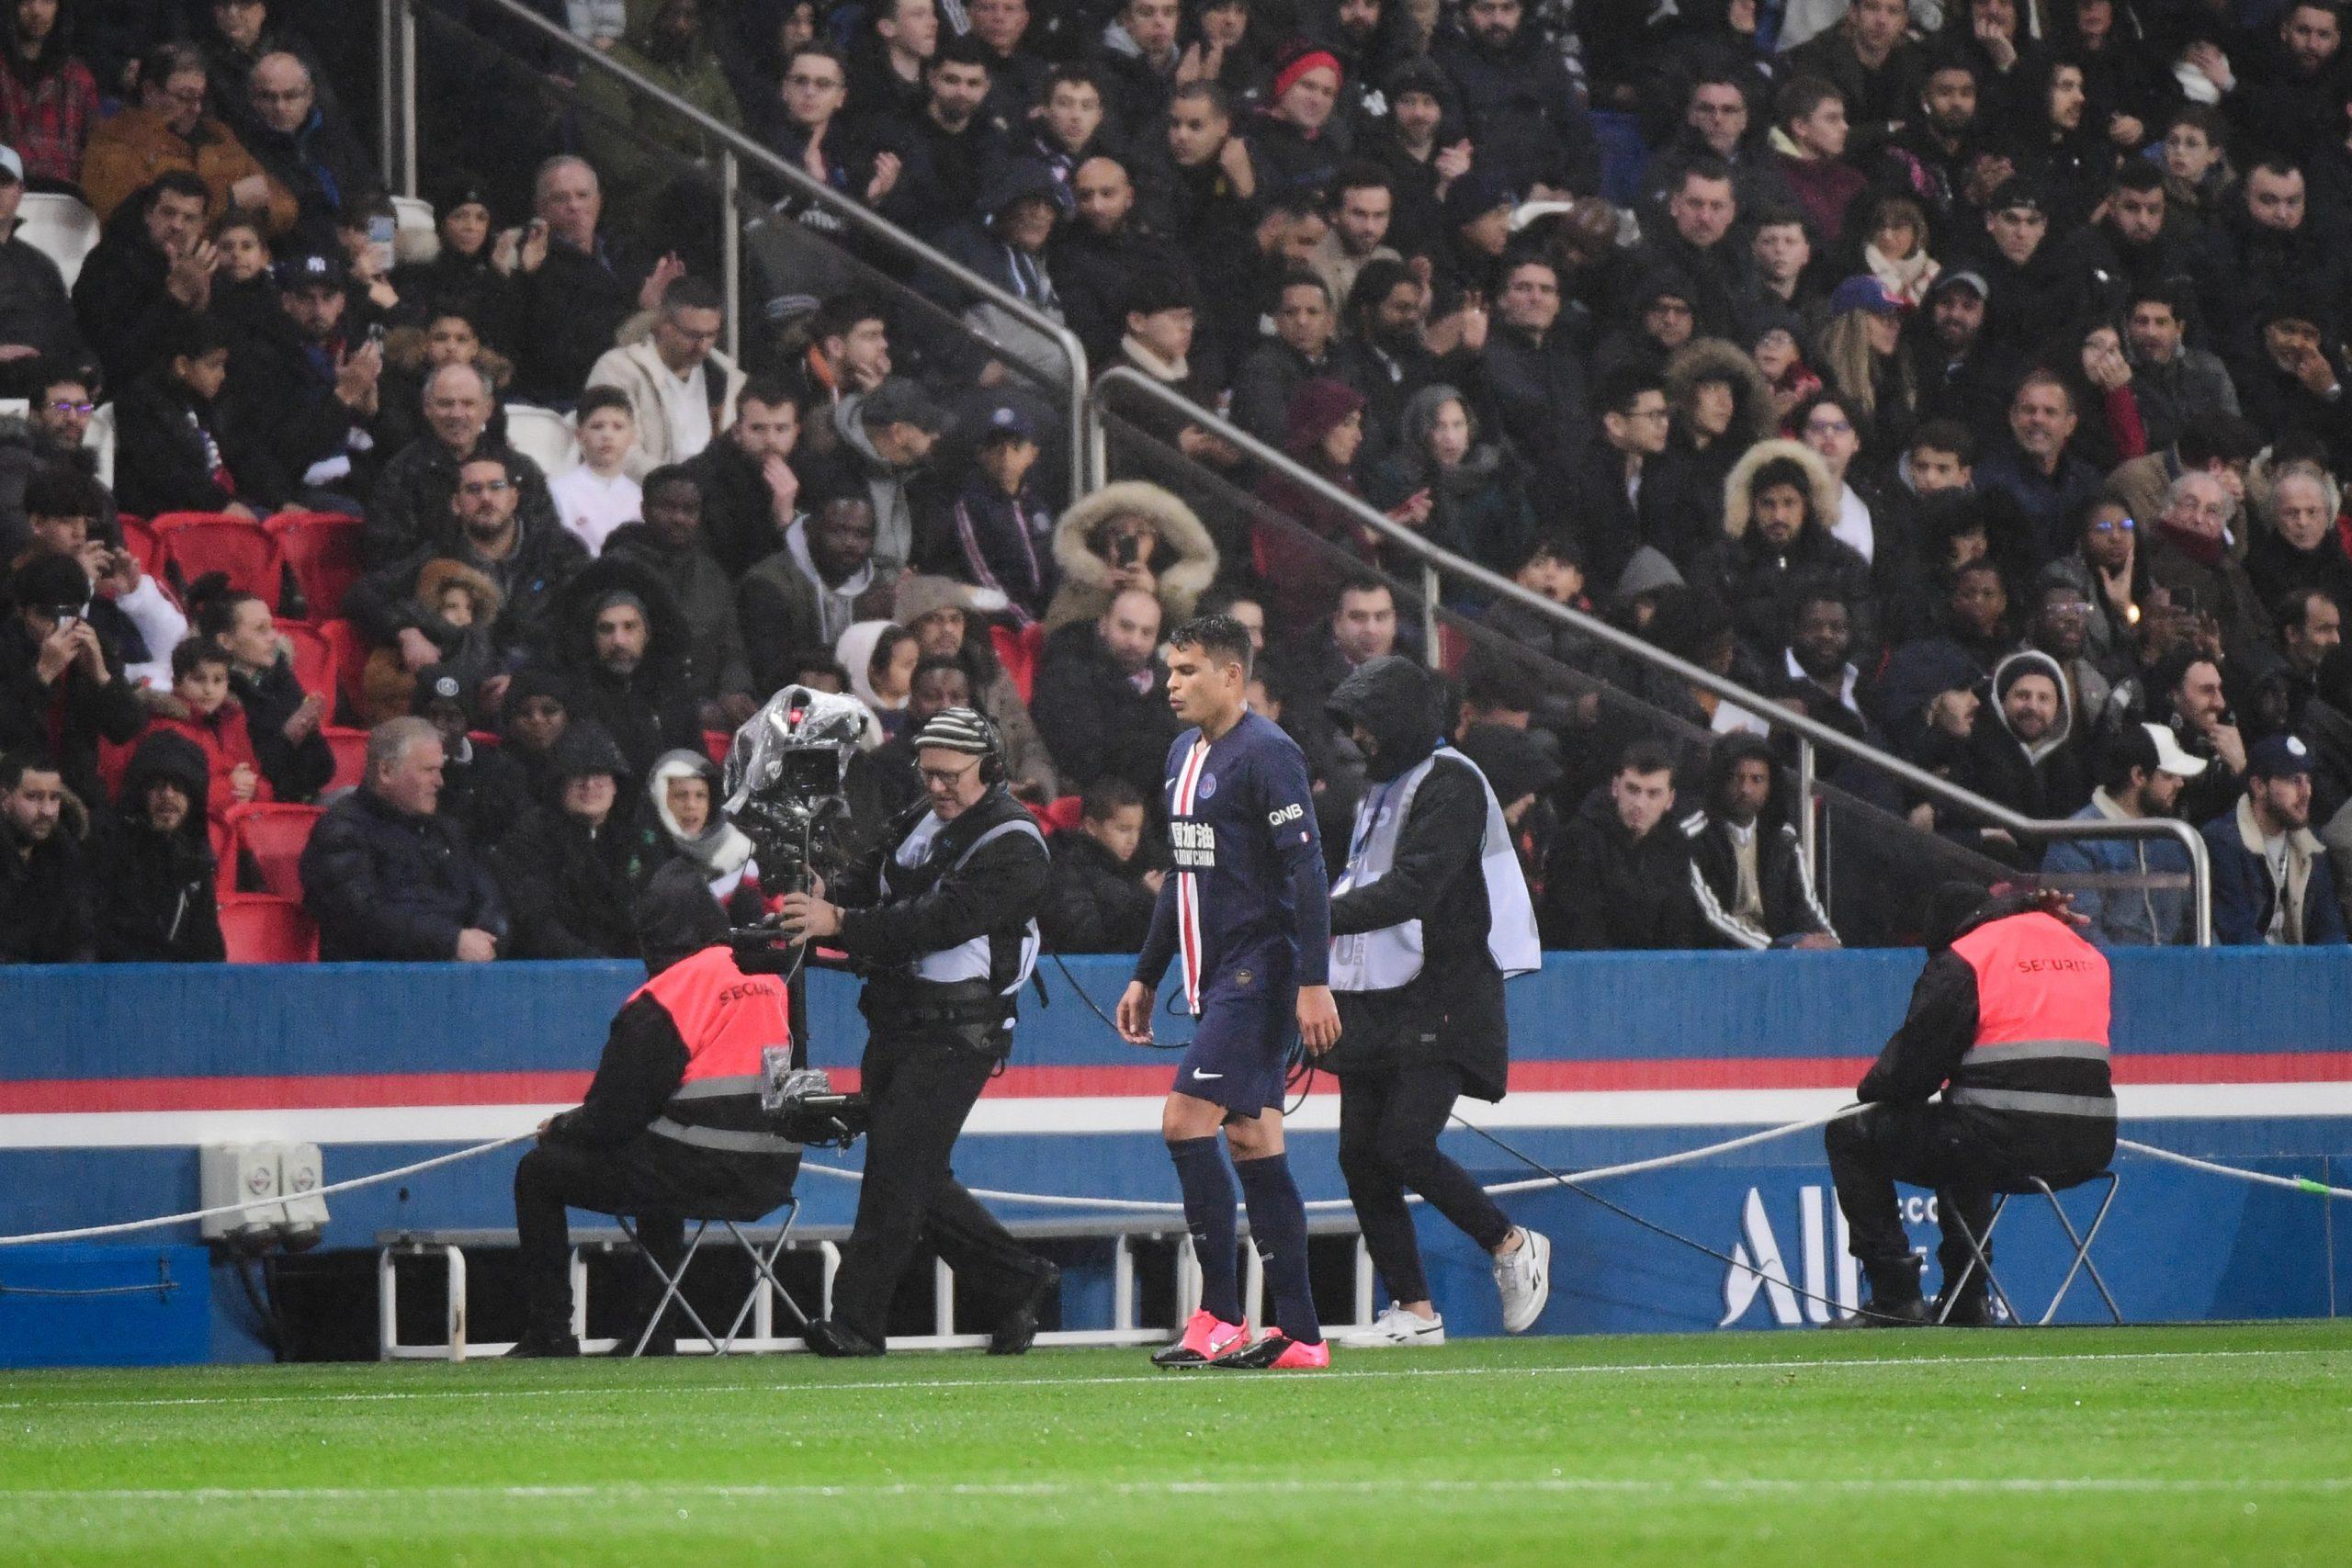 Le PSG donne le détail des blessures de Thiago Silva et Herrera, forfaits face à Dortmund